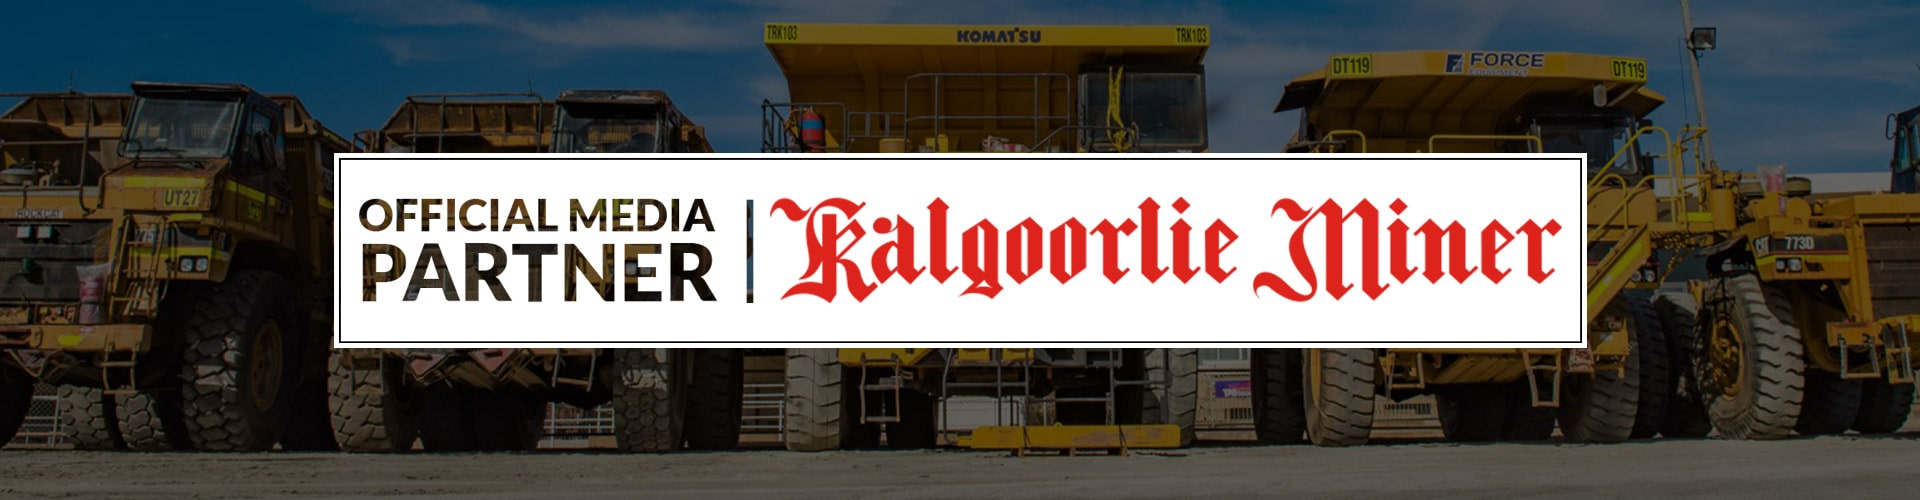 Official Media Partner Kalgoorlie Miner